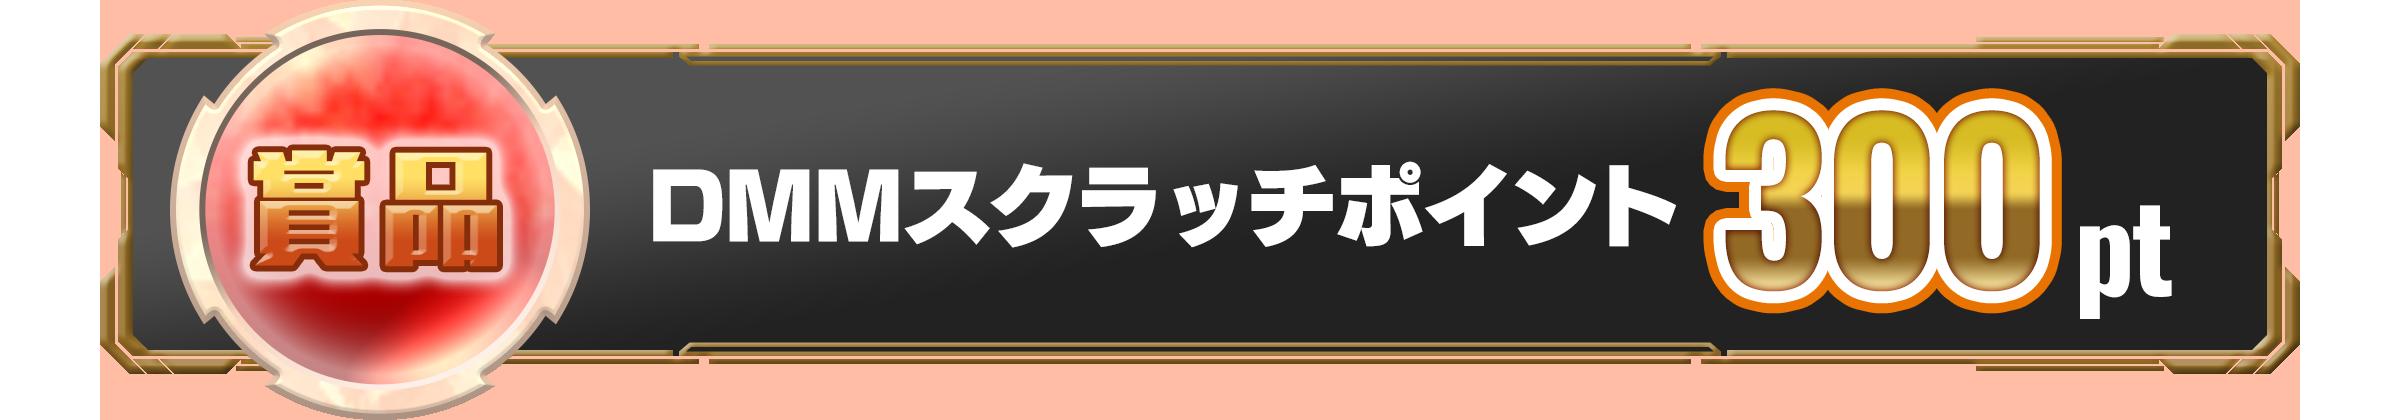 賞品:DMMスクラッチポイント 300pt